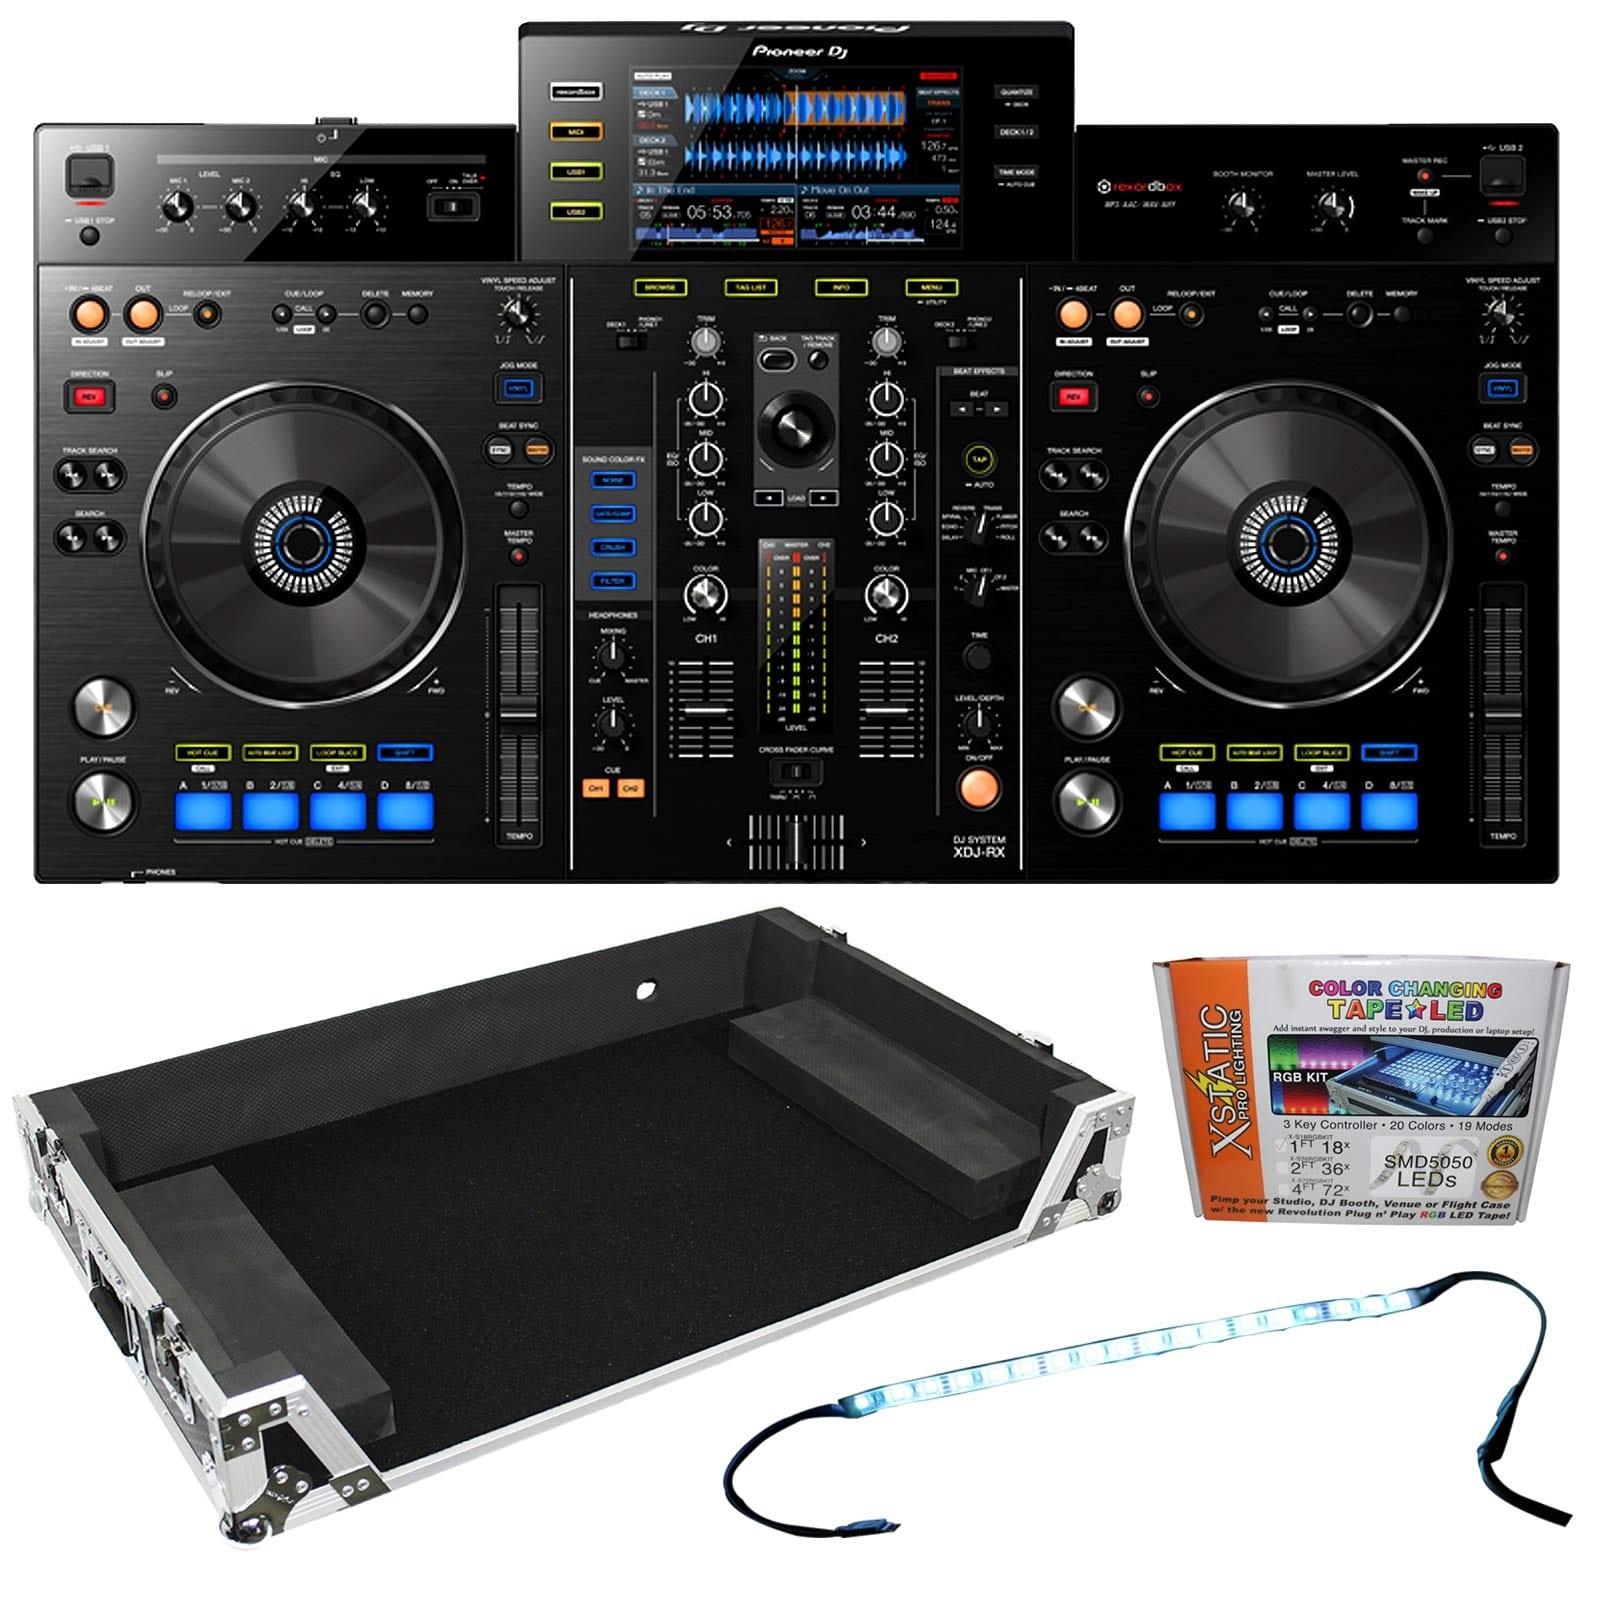 Pioneer DJ XDJ-RX Rekordbox DJ System & Flight Case Package